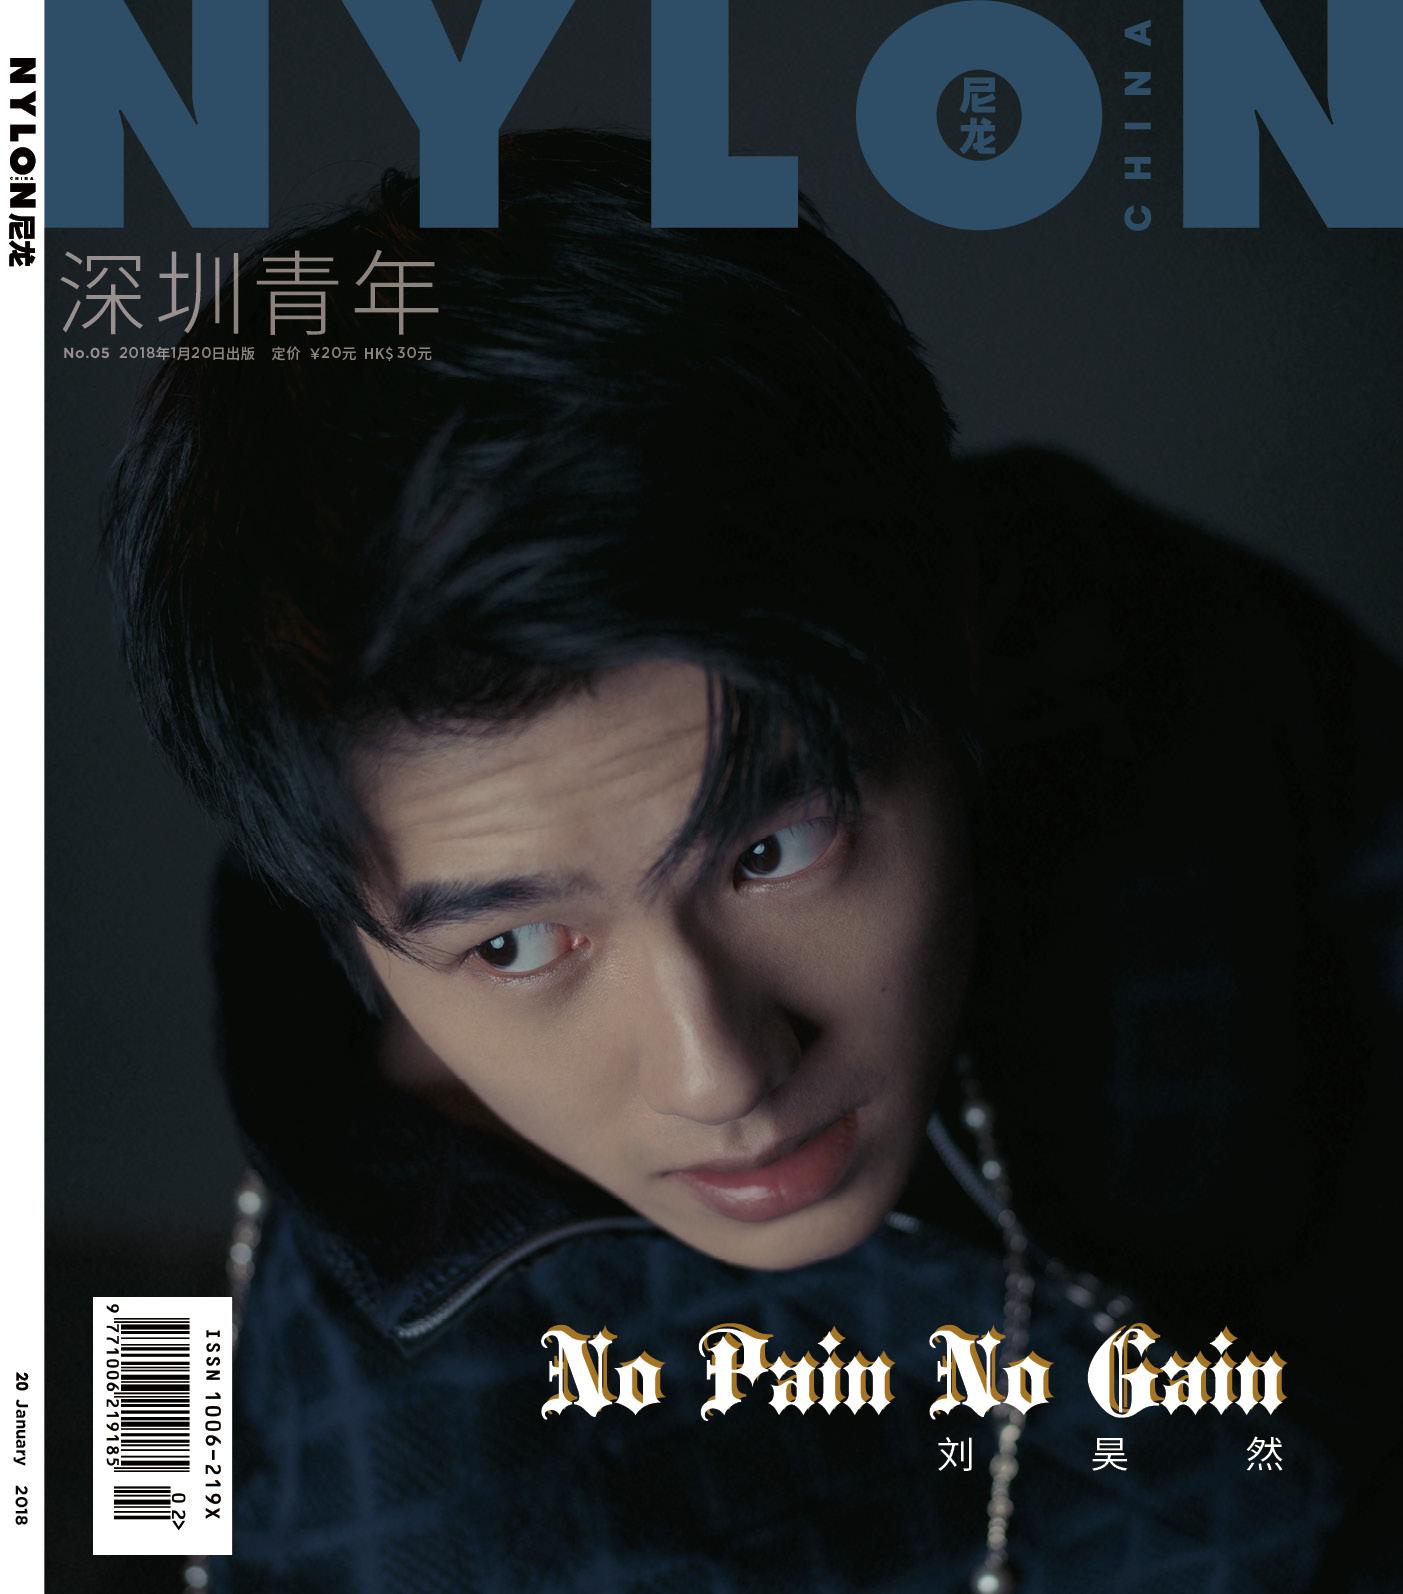 刘昊然杂志封面曝光 展现惊人可塑力